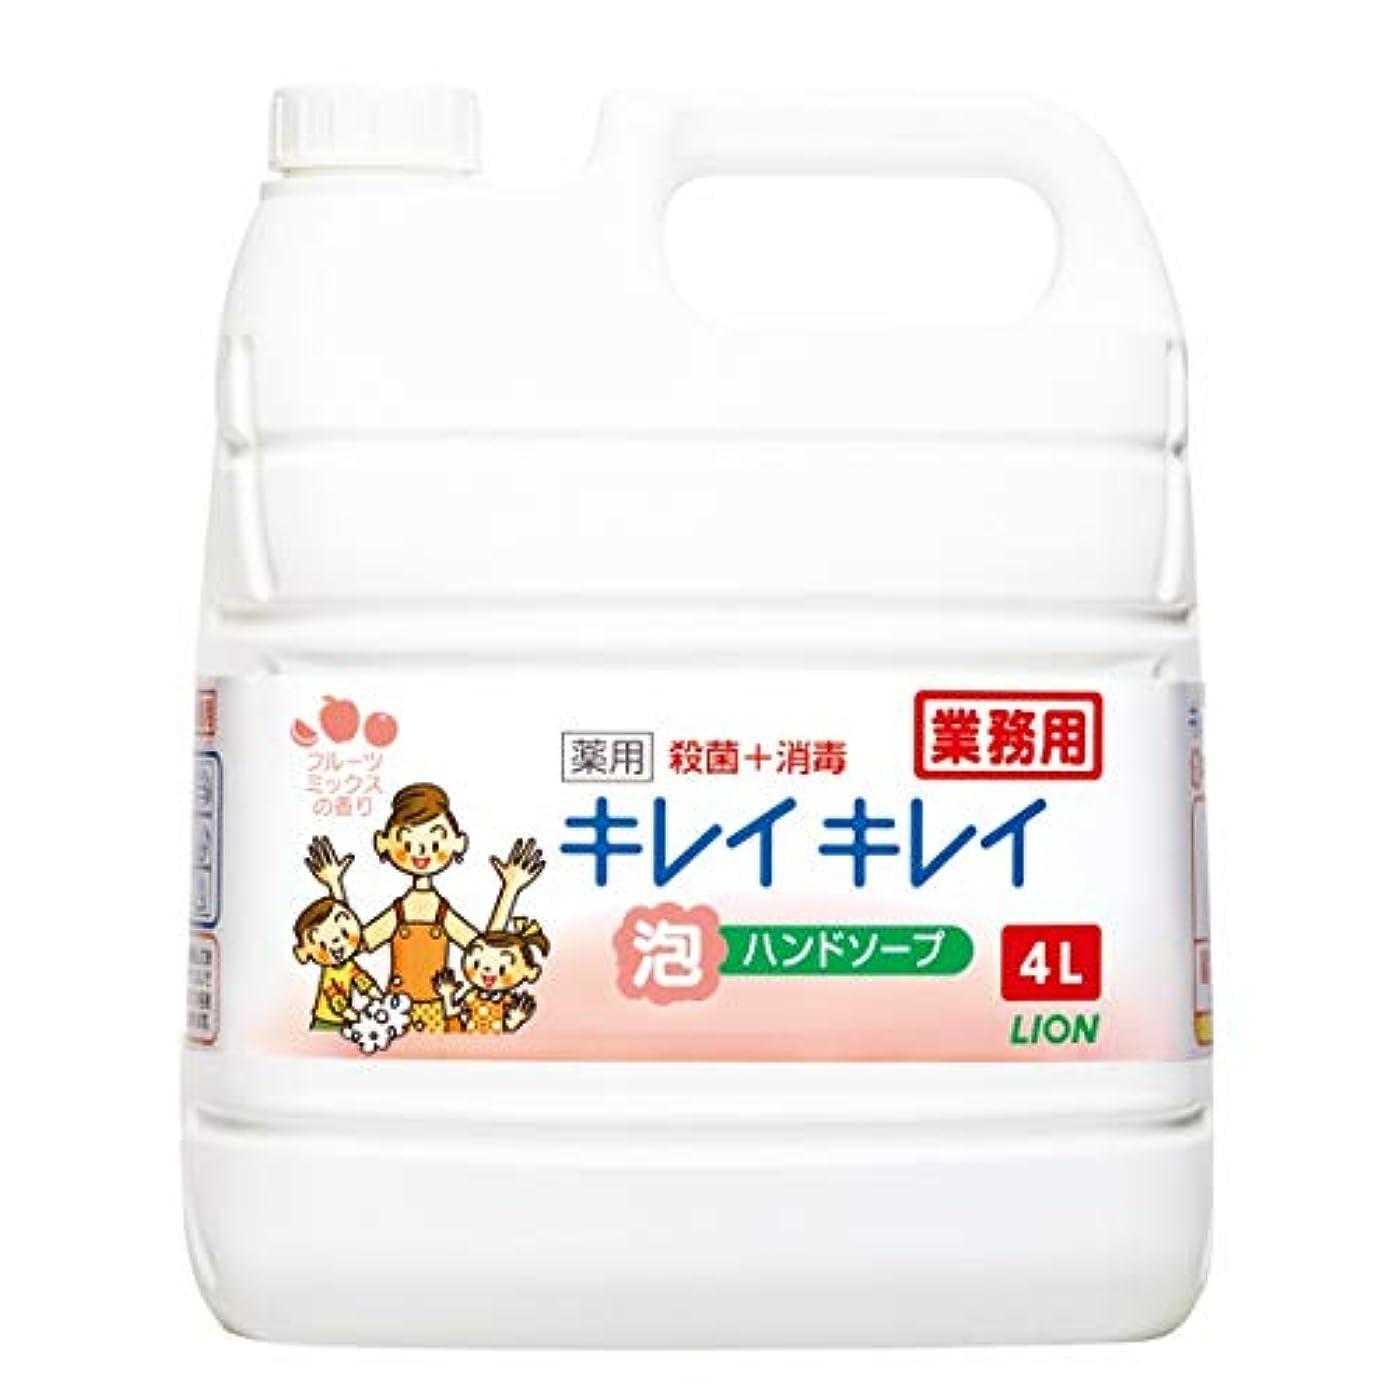 ロケット情報田舎【業務用 大容量】キレイキレイ 薬用 泡ハンドソープフルーツミックスの香り 4L(医薬部外品)